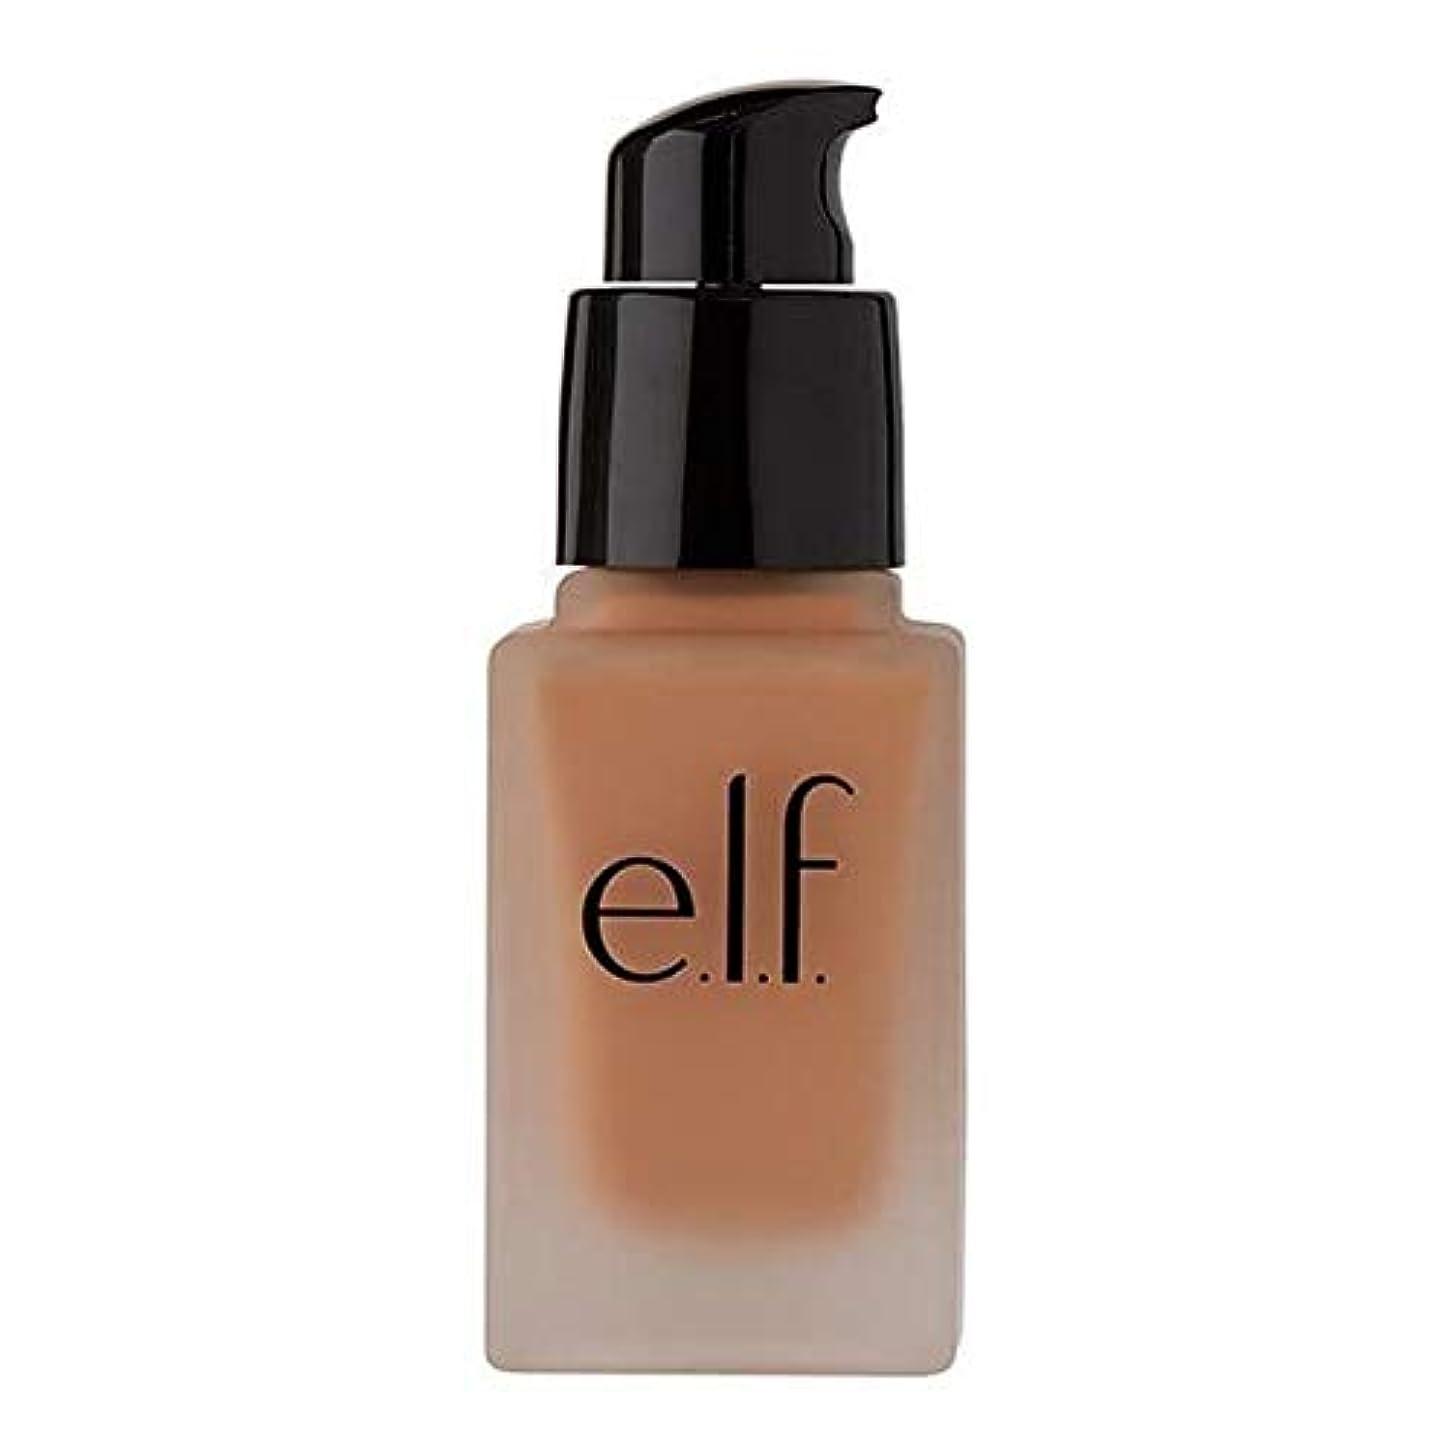 ブルーム家庭降伏[Elf ] エルフ。完璧な仕上がりのファンデーションSpf 15キャラメル - e.l.f. Flawless Finish Foundation SPF 15 Caramel [並行輸入品]